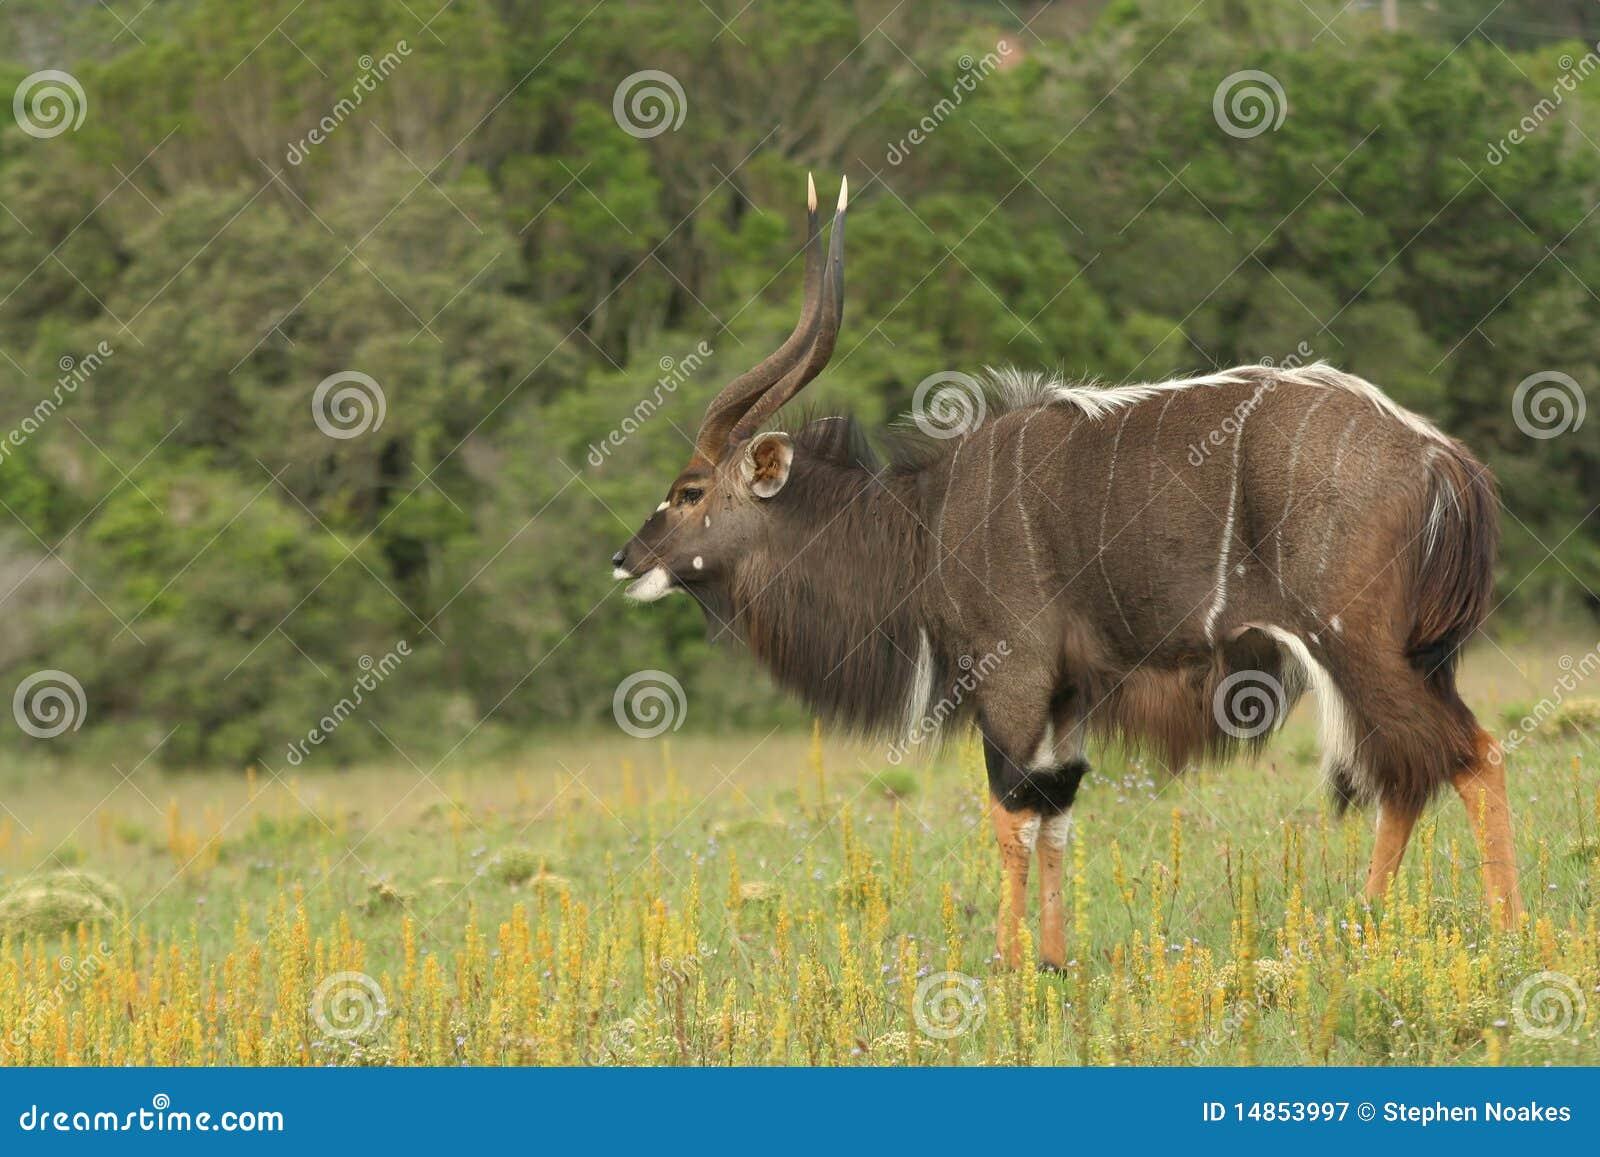 Nyala Antelope Male